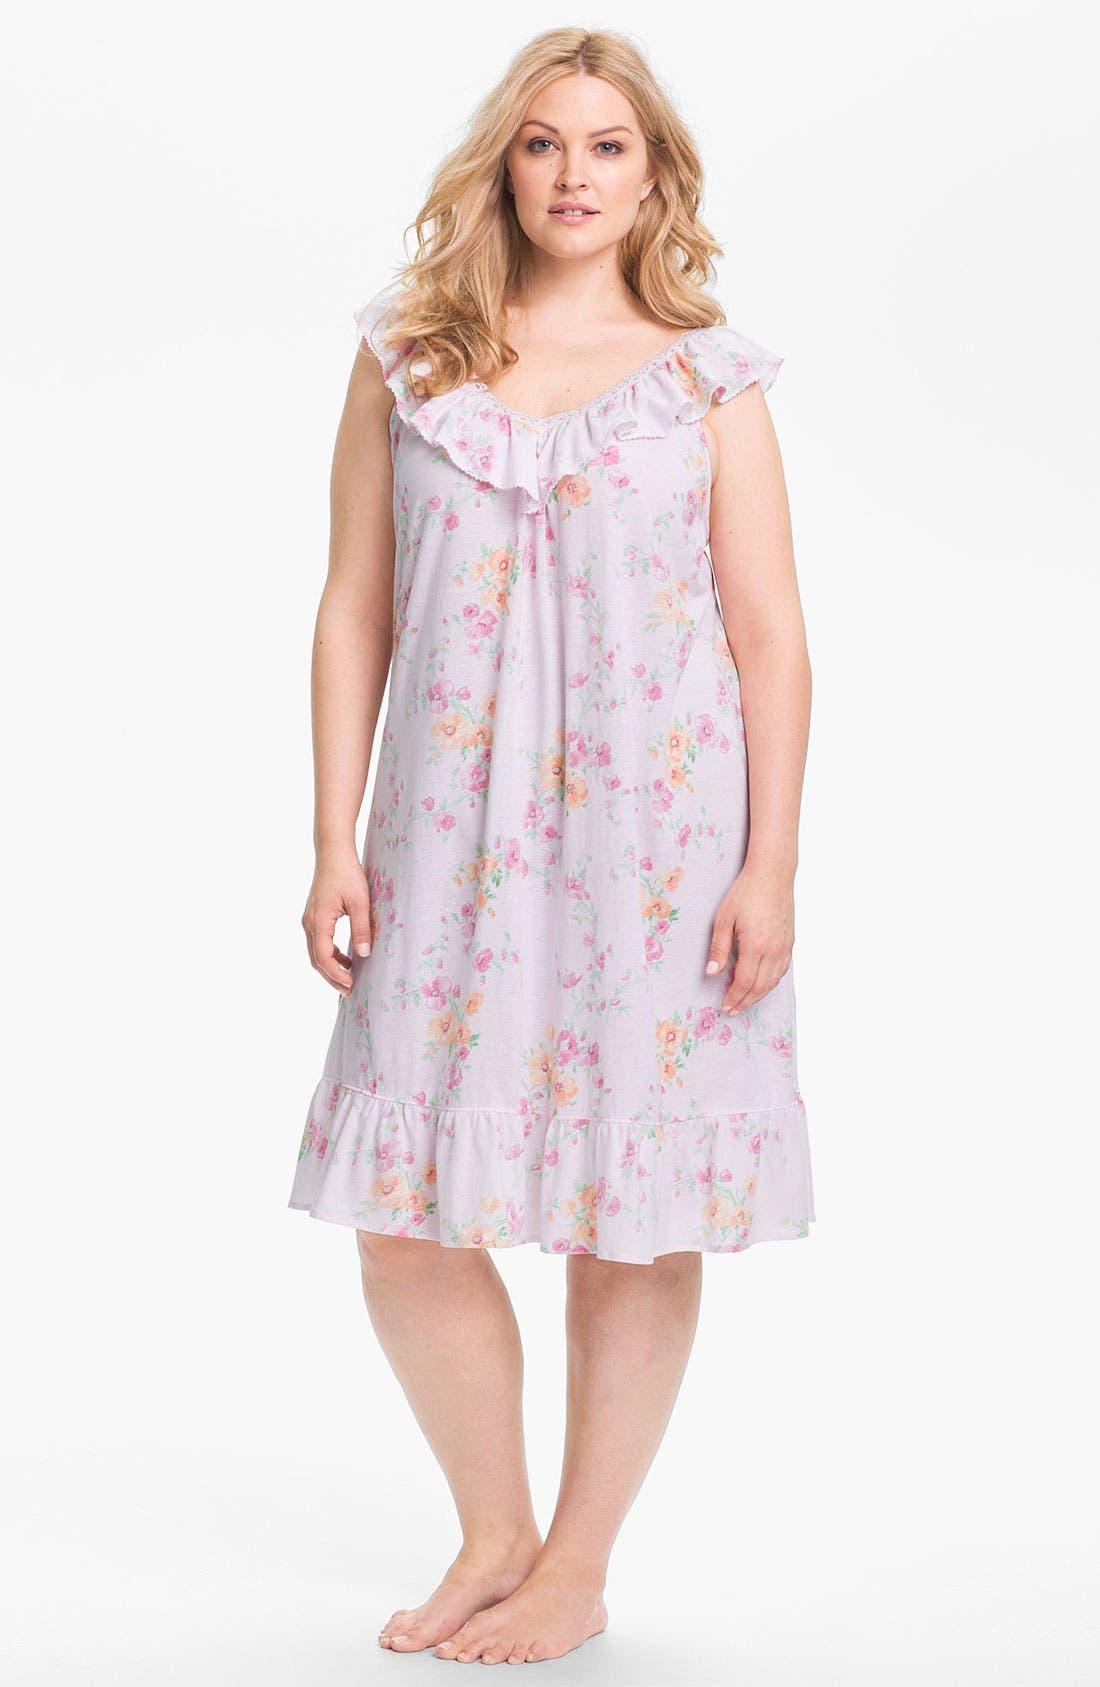 Alternate Image 1 Selected - Lauren Ralph Lauren Sleepwear Short Ruffle Nightgown (Plus)